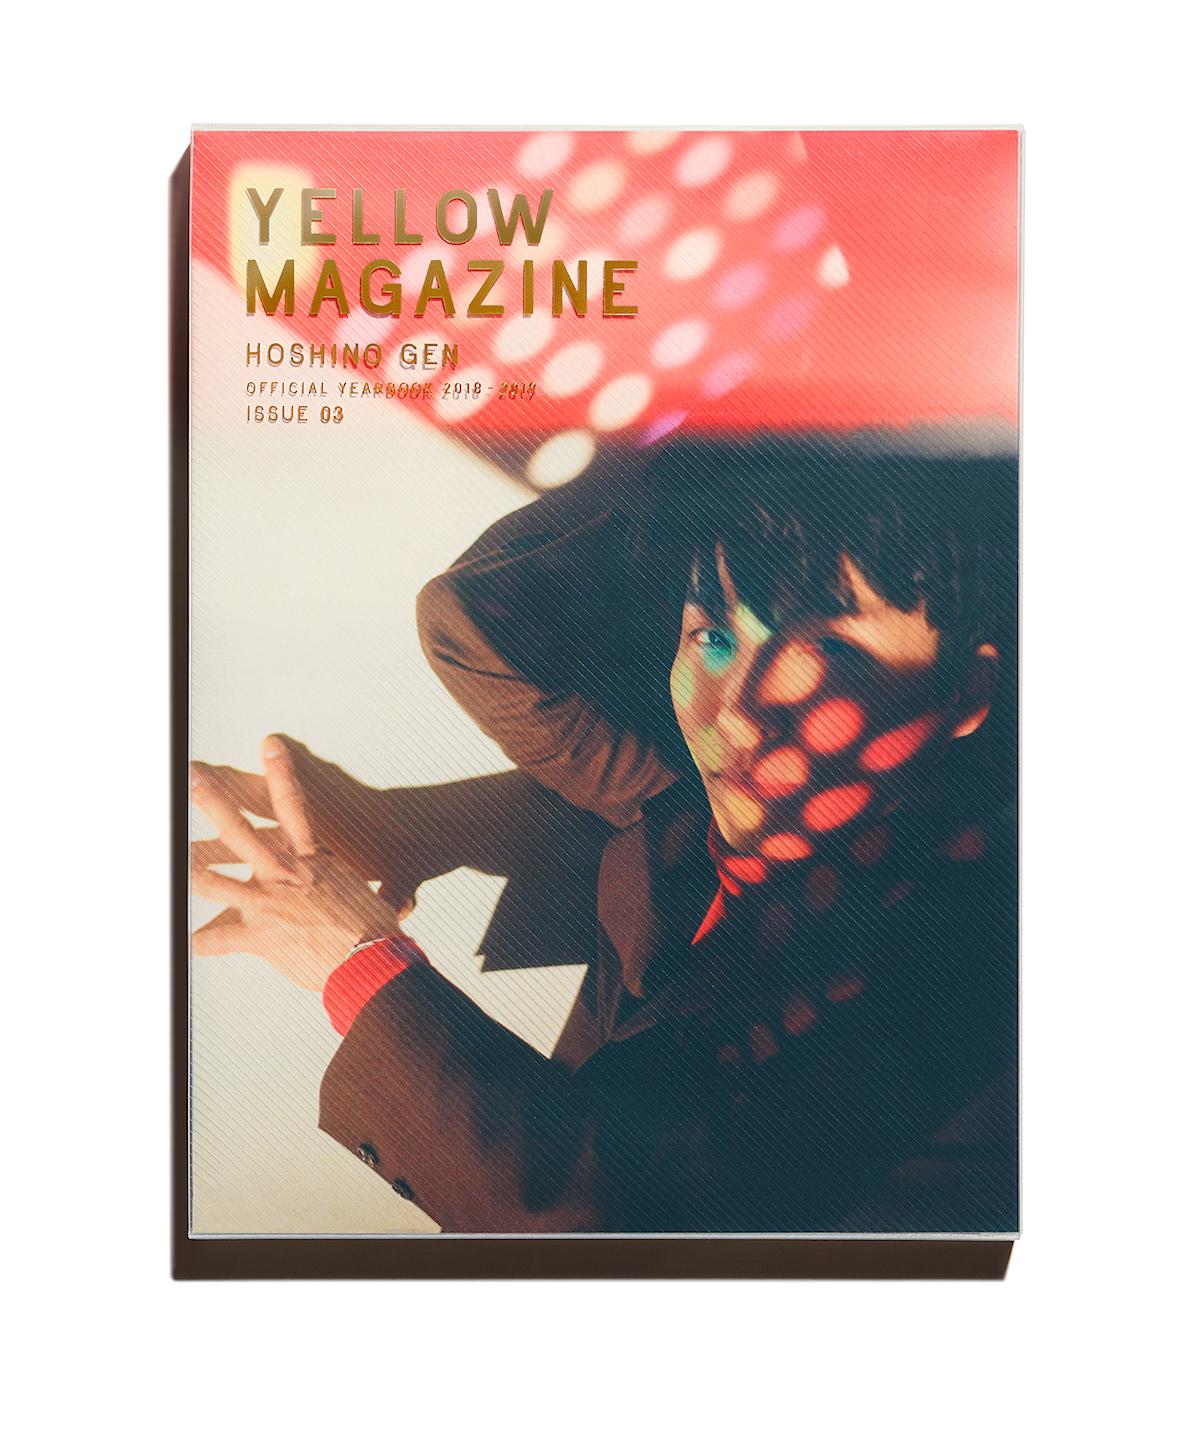 星野源オフィシャル・イヤーブック『YELLOW MAGAZINE 2018-2019』